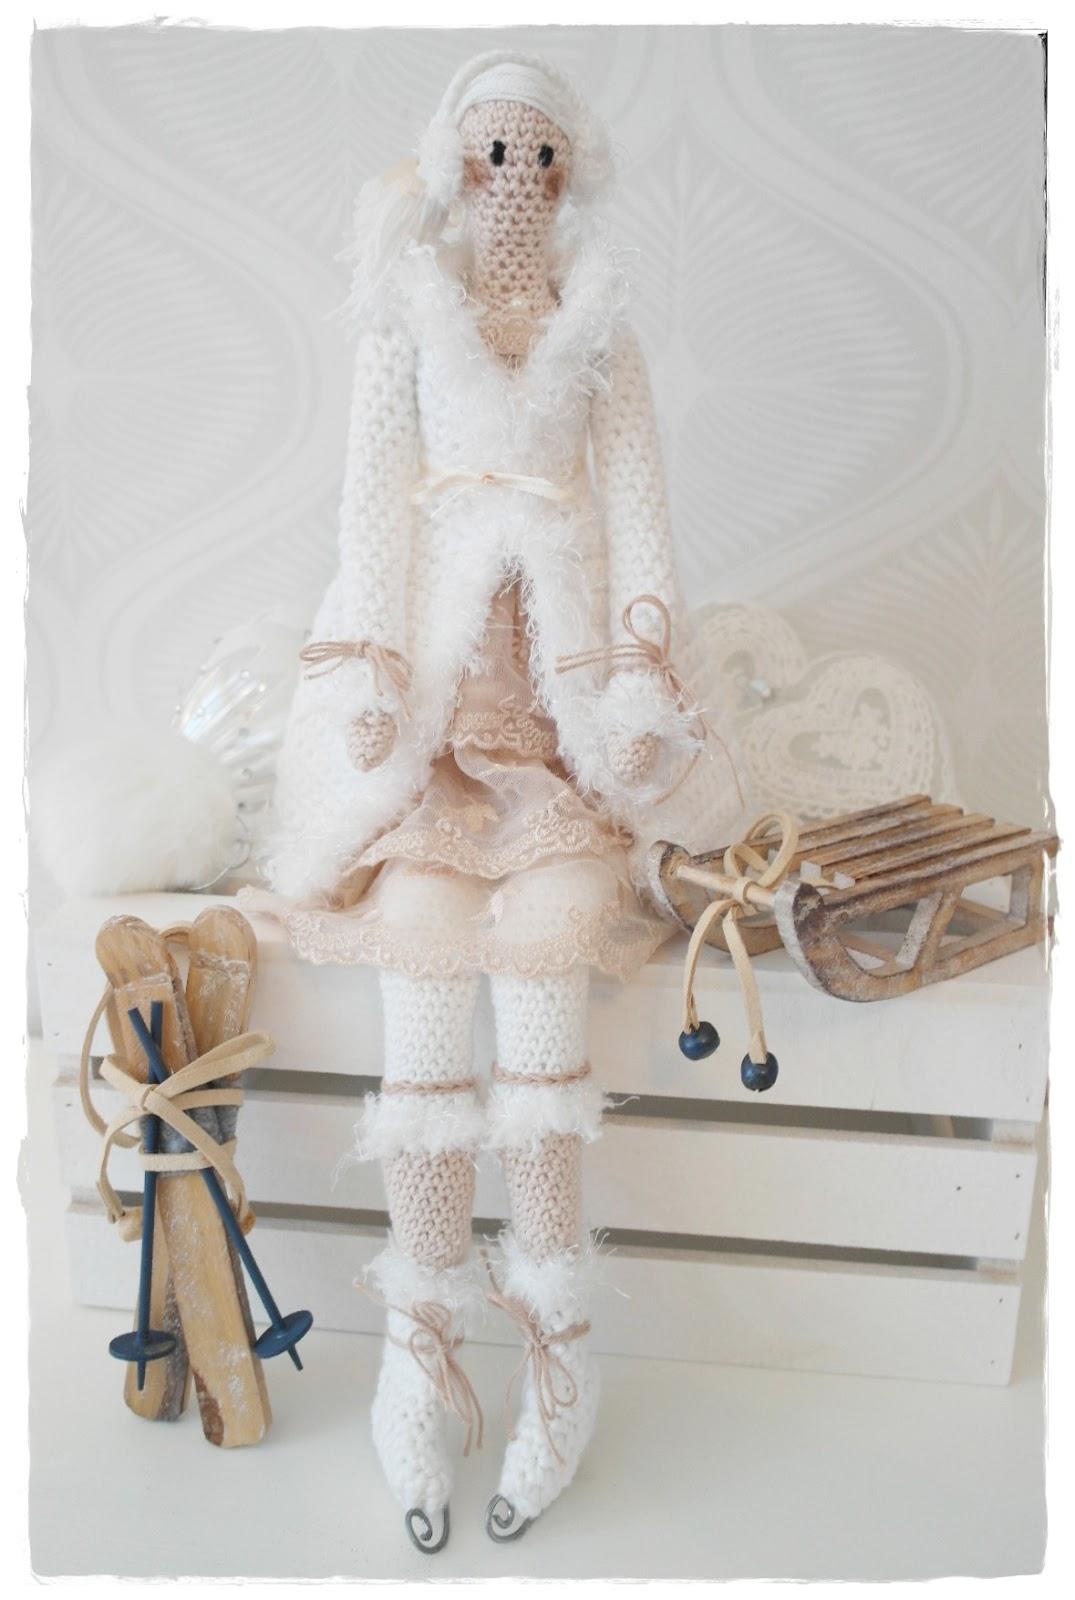 58bc085c829c Medans jag pysslade med Tilda så kom jag på att jag hade dekorationer som  jag brukar ha i mina julkransar och de kom väl till pass nu när jag skulle  fota ...